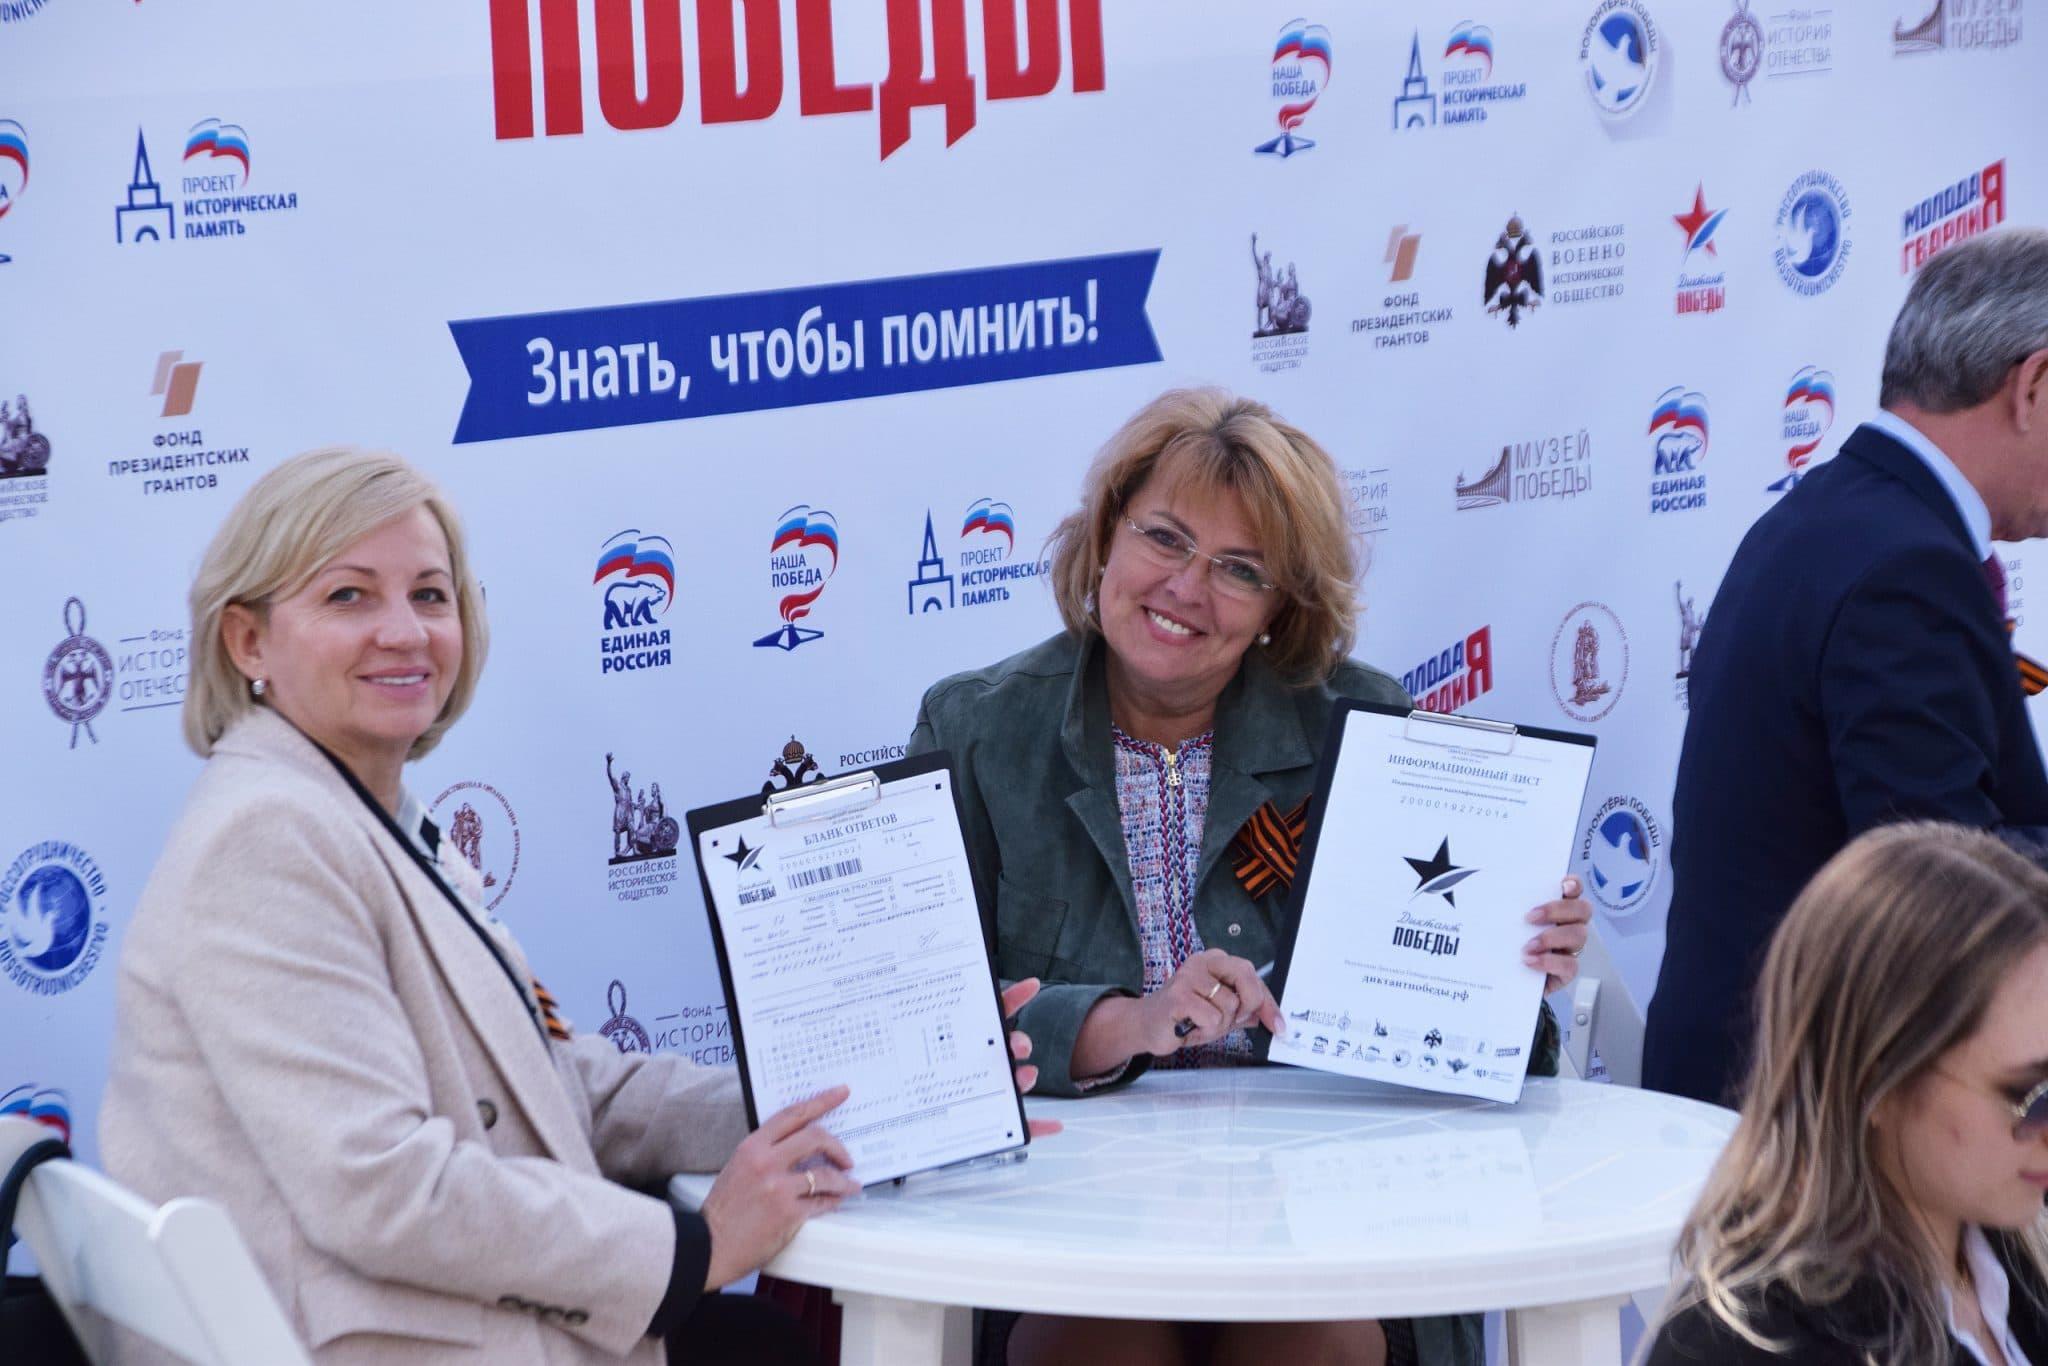 Галина Карелова: Социальное казначейство позволит сделать более адресной работу социальной сферы